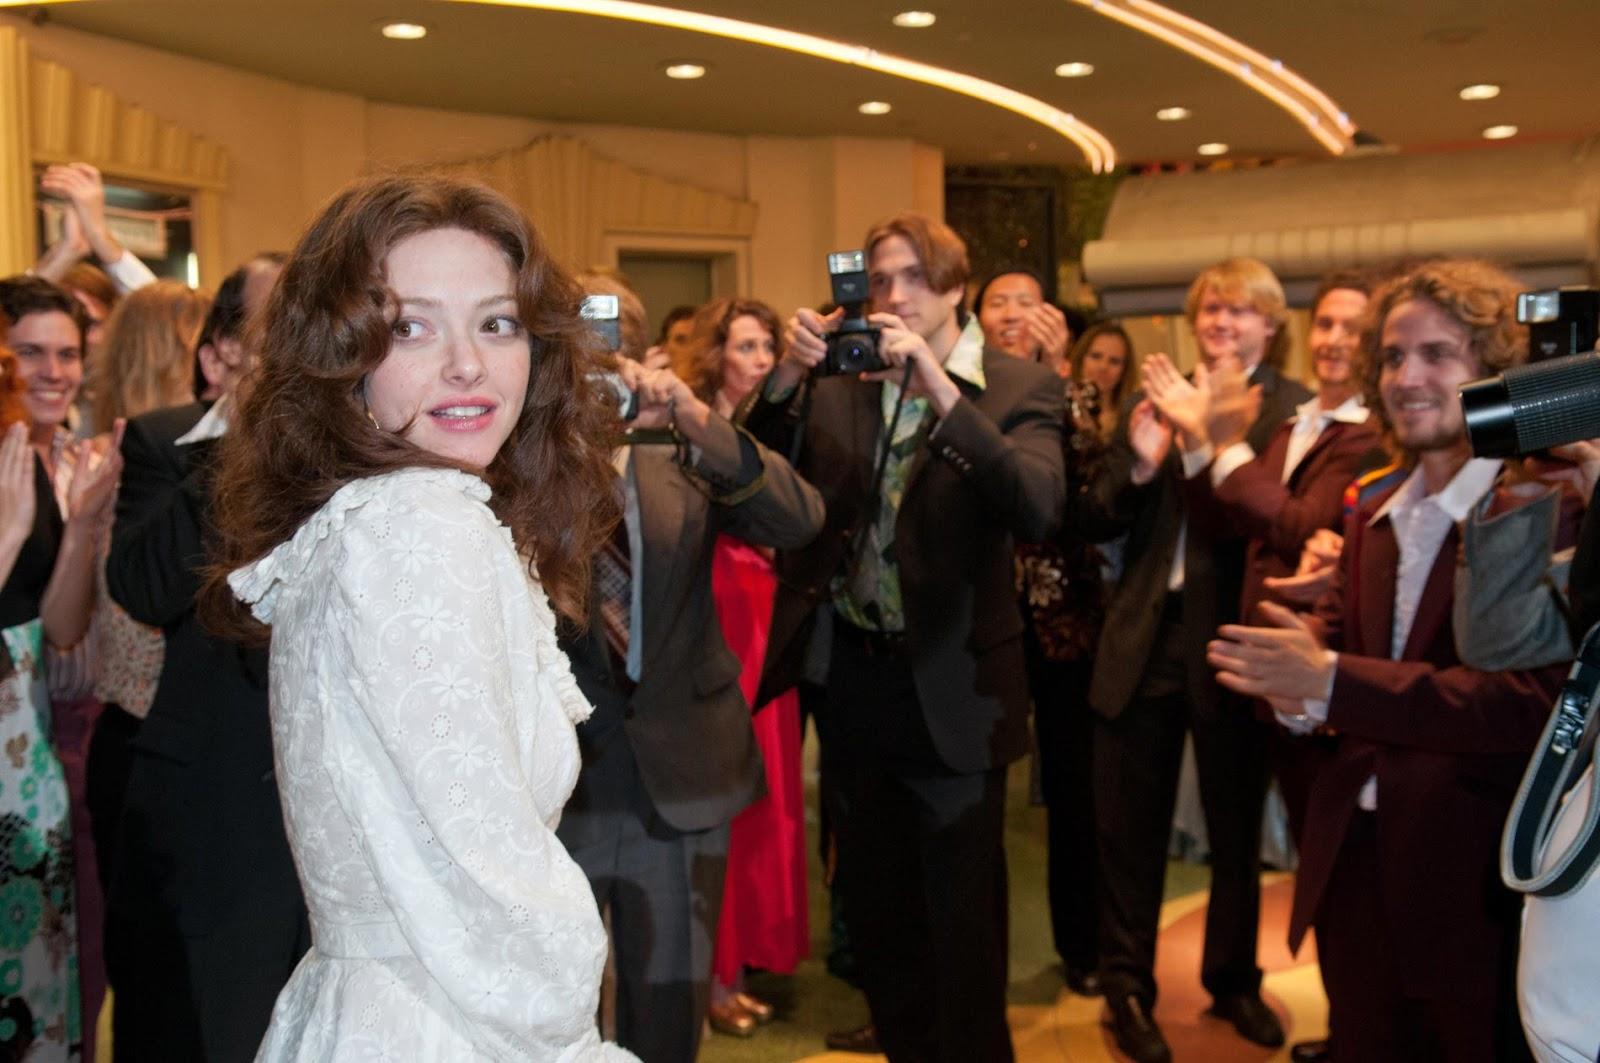 http://3.bp.blogspot.com/-qSSmre6cgk0/URfNJ5Mw5oI/AAAAAAAAWXo/YkKk9_r3Q5g/s1600/Lovelace.jpg